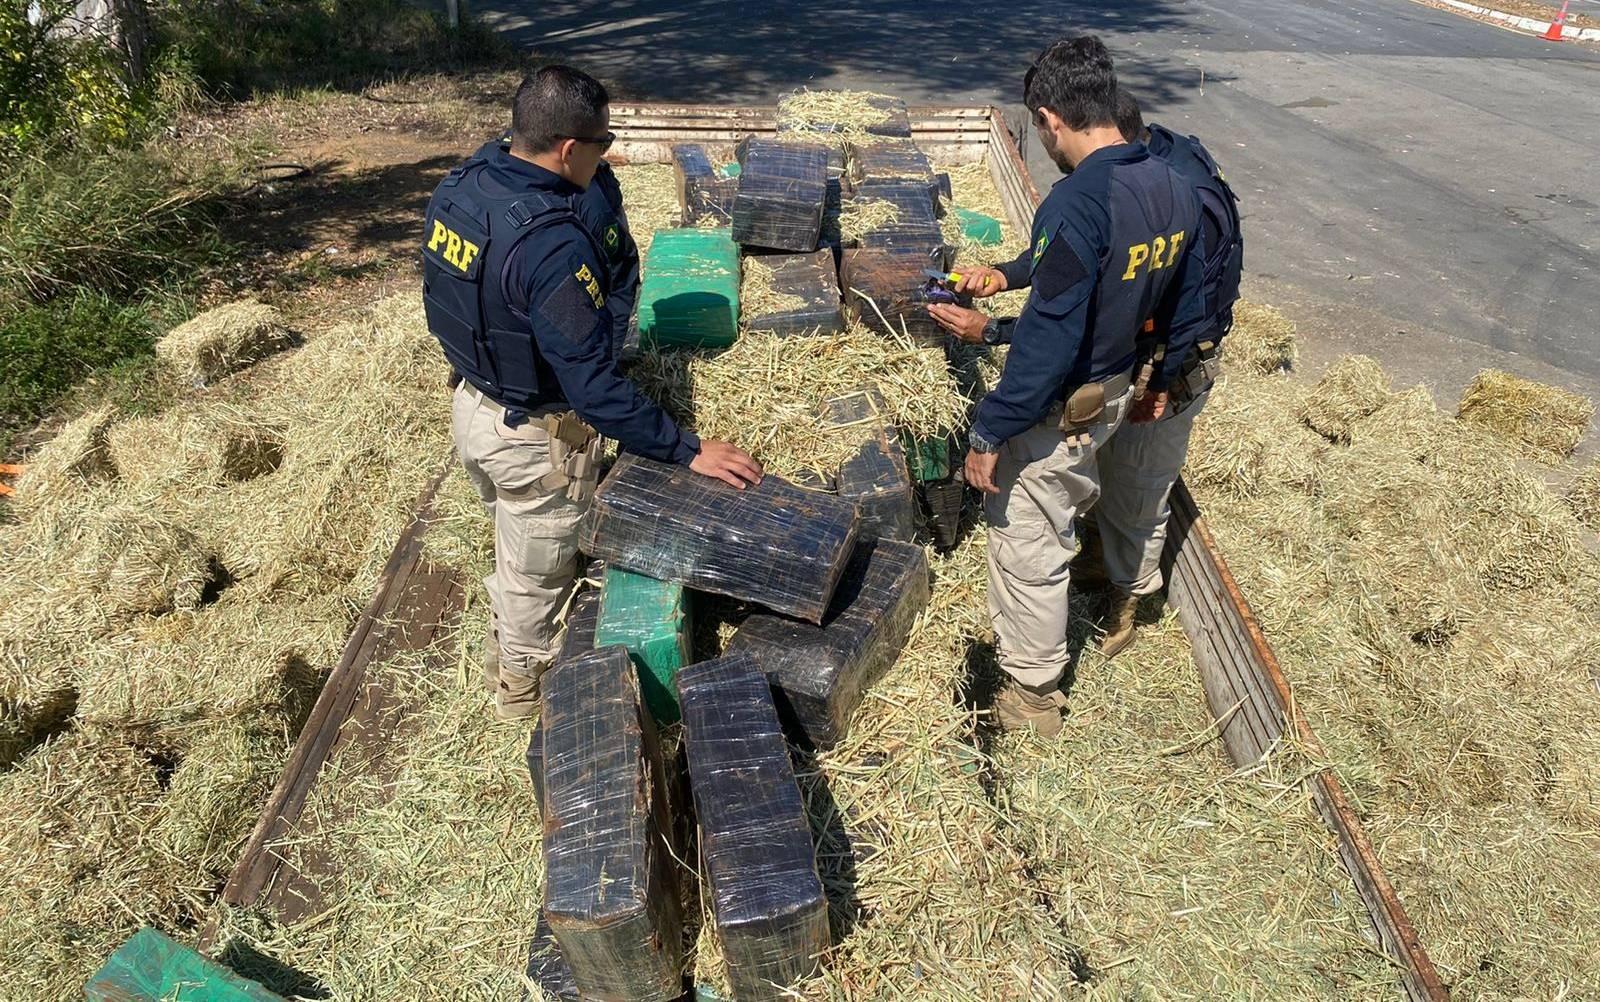 Motorista é preso após ser flagrado com 2.700 kg de maconha escondidas em carregamento de feno na BA